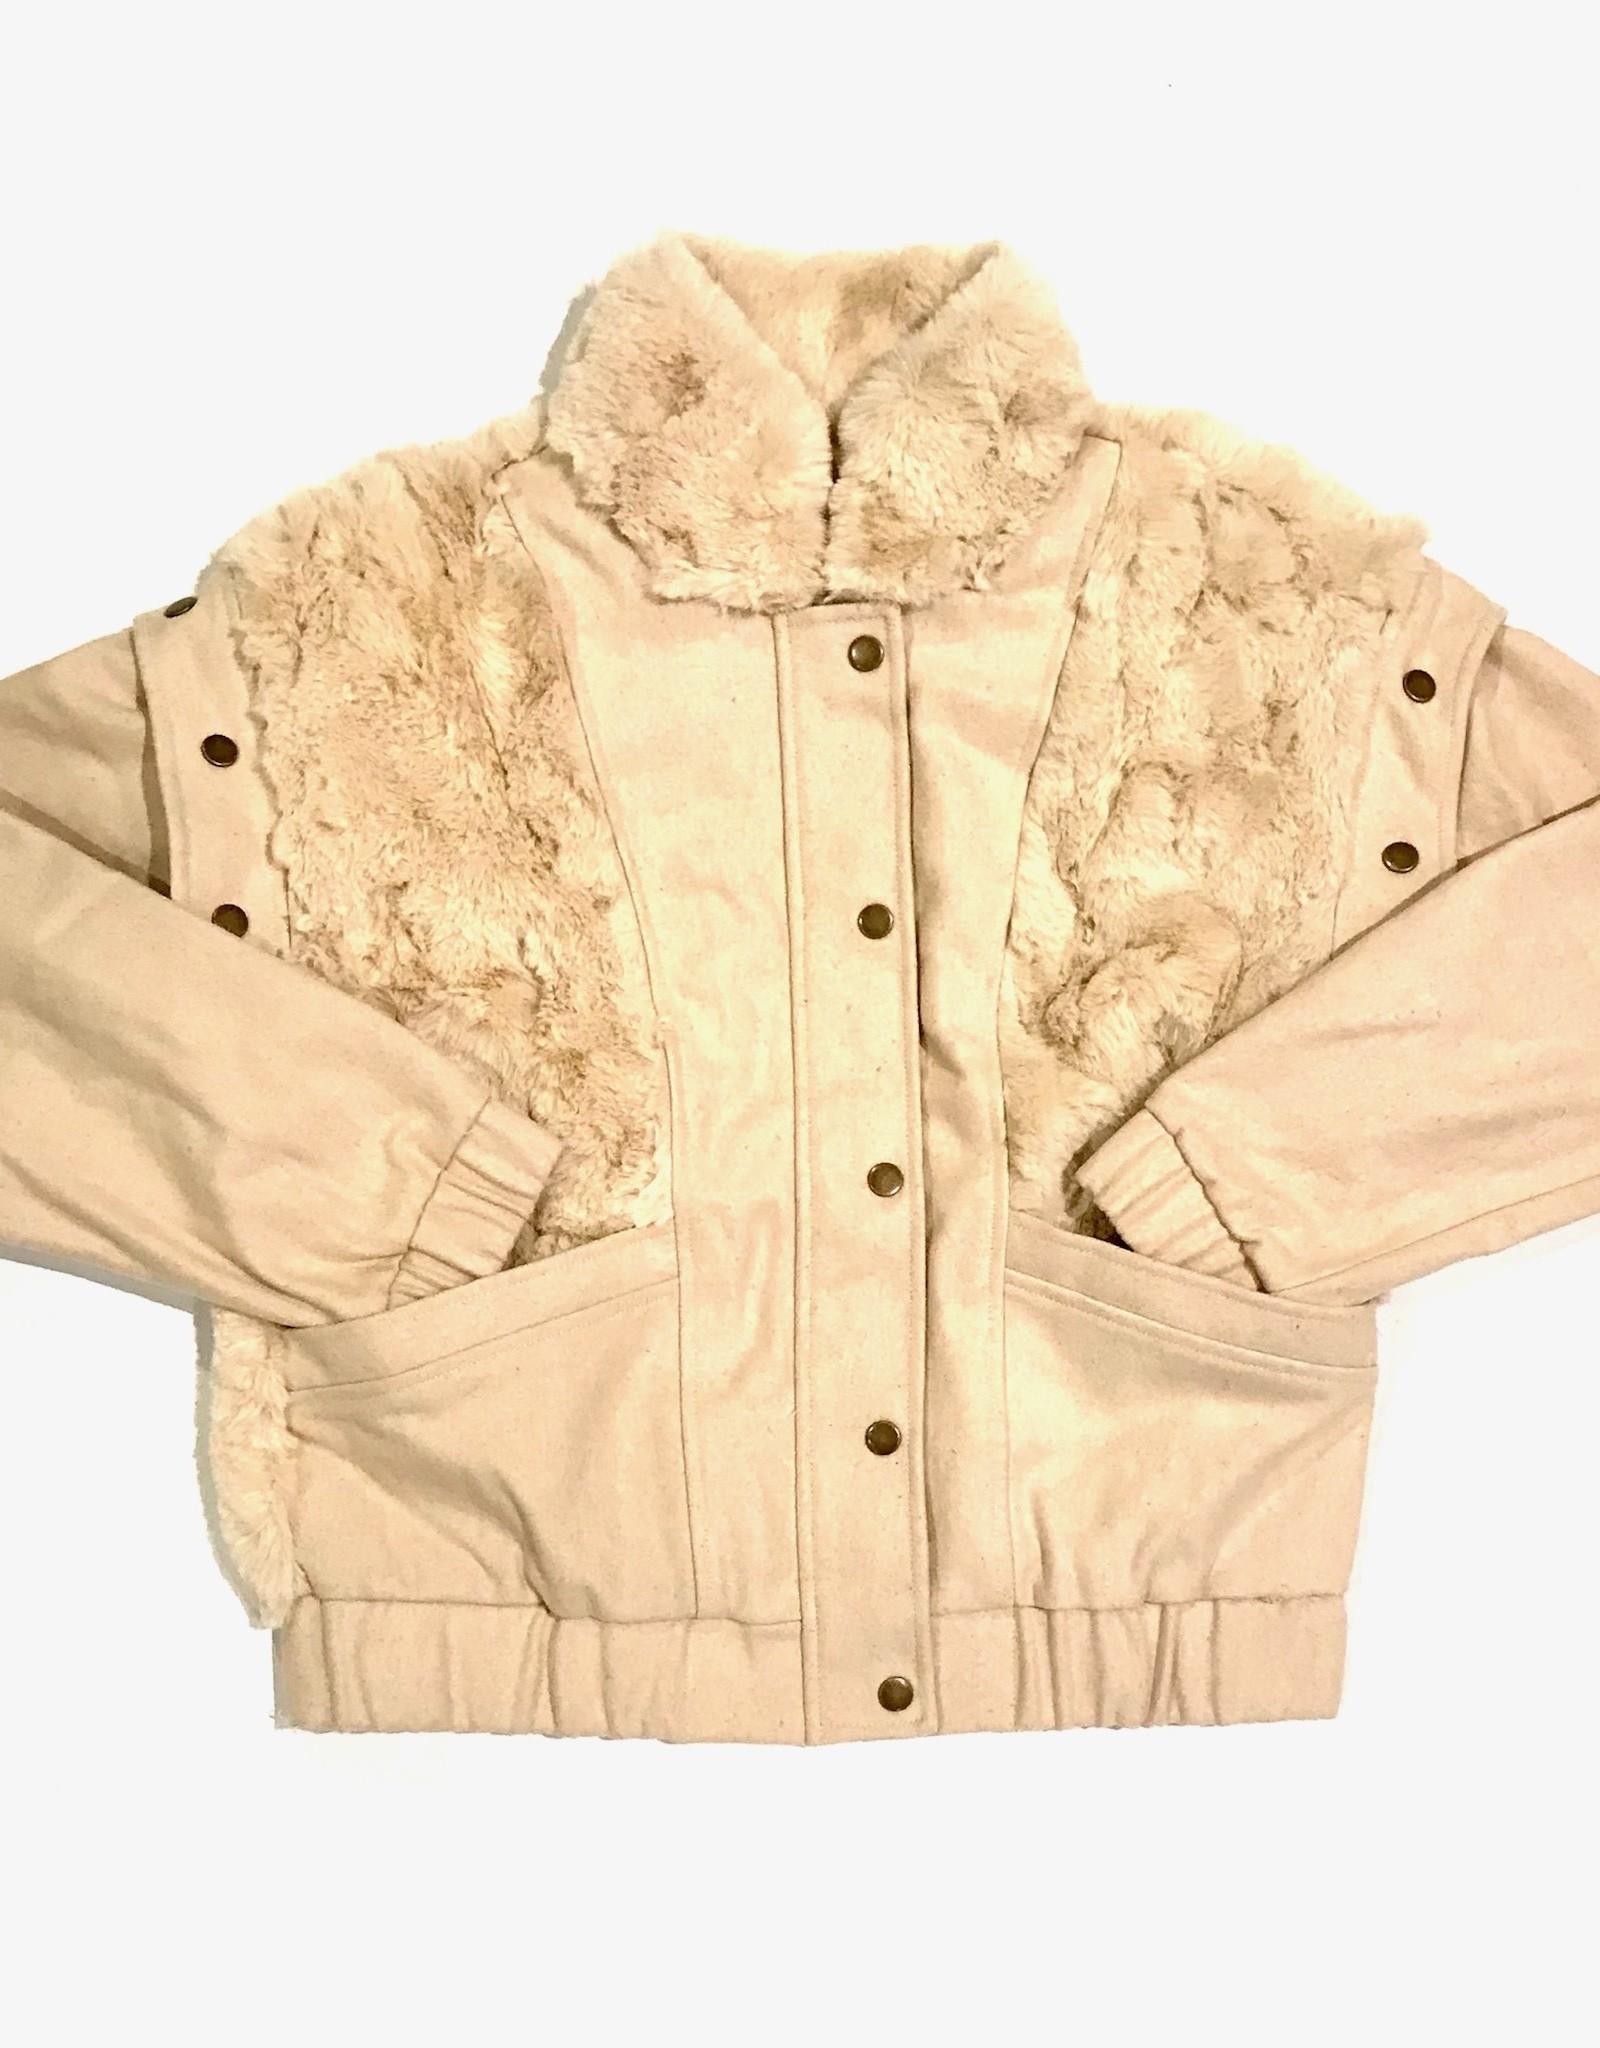 SL fur trim vest/jacket S1451